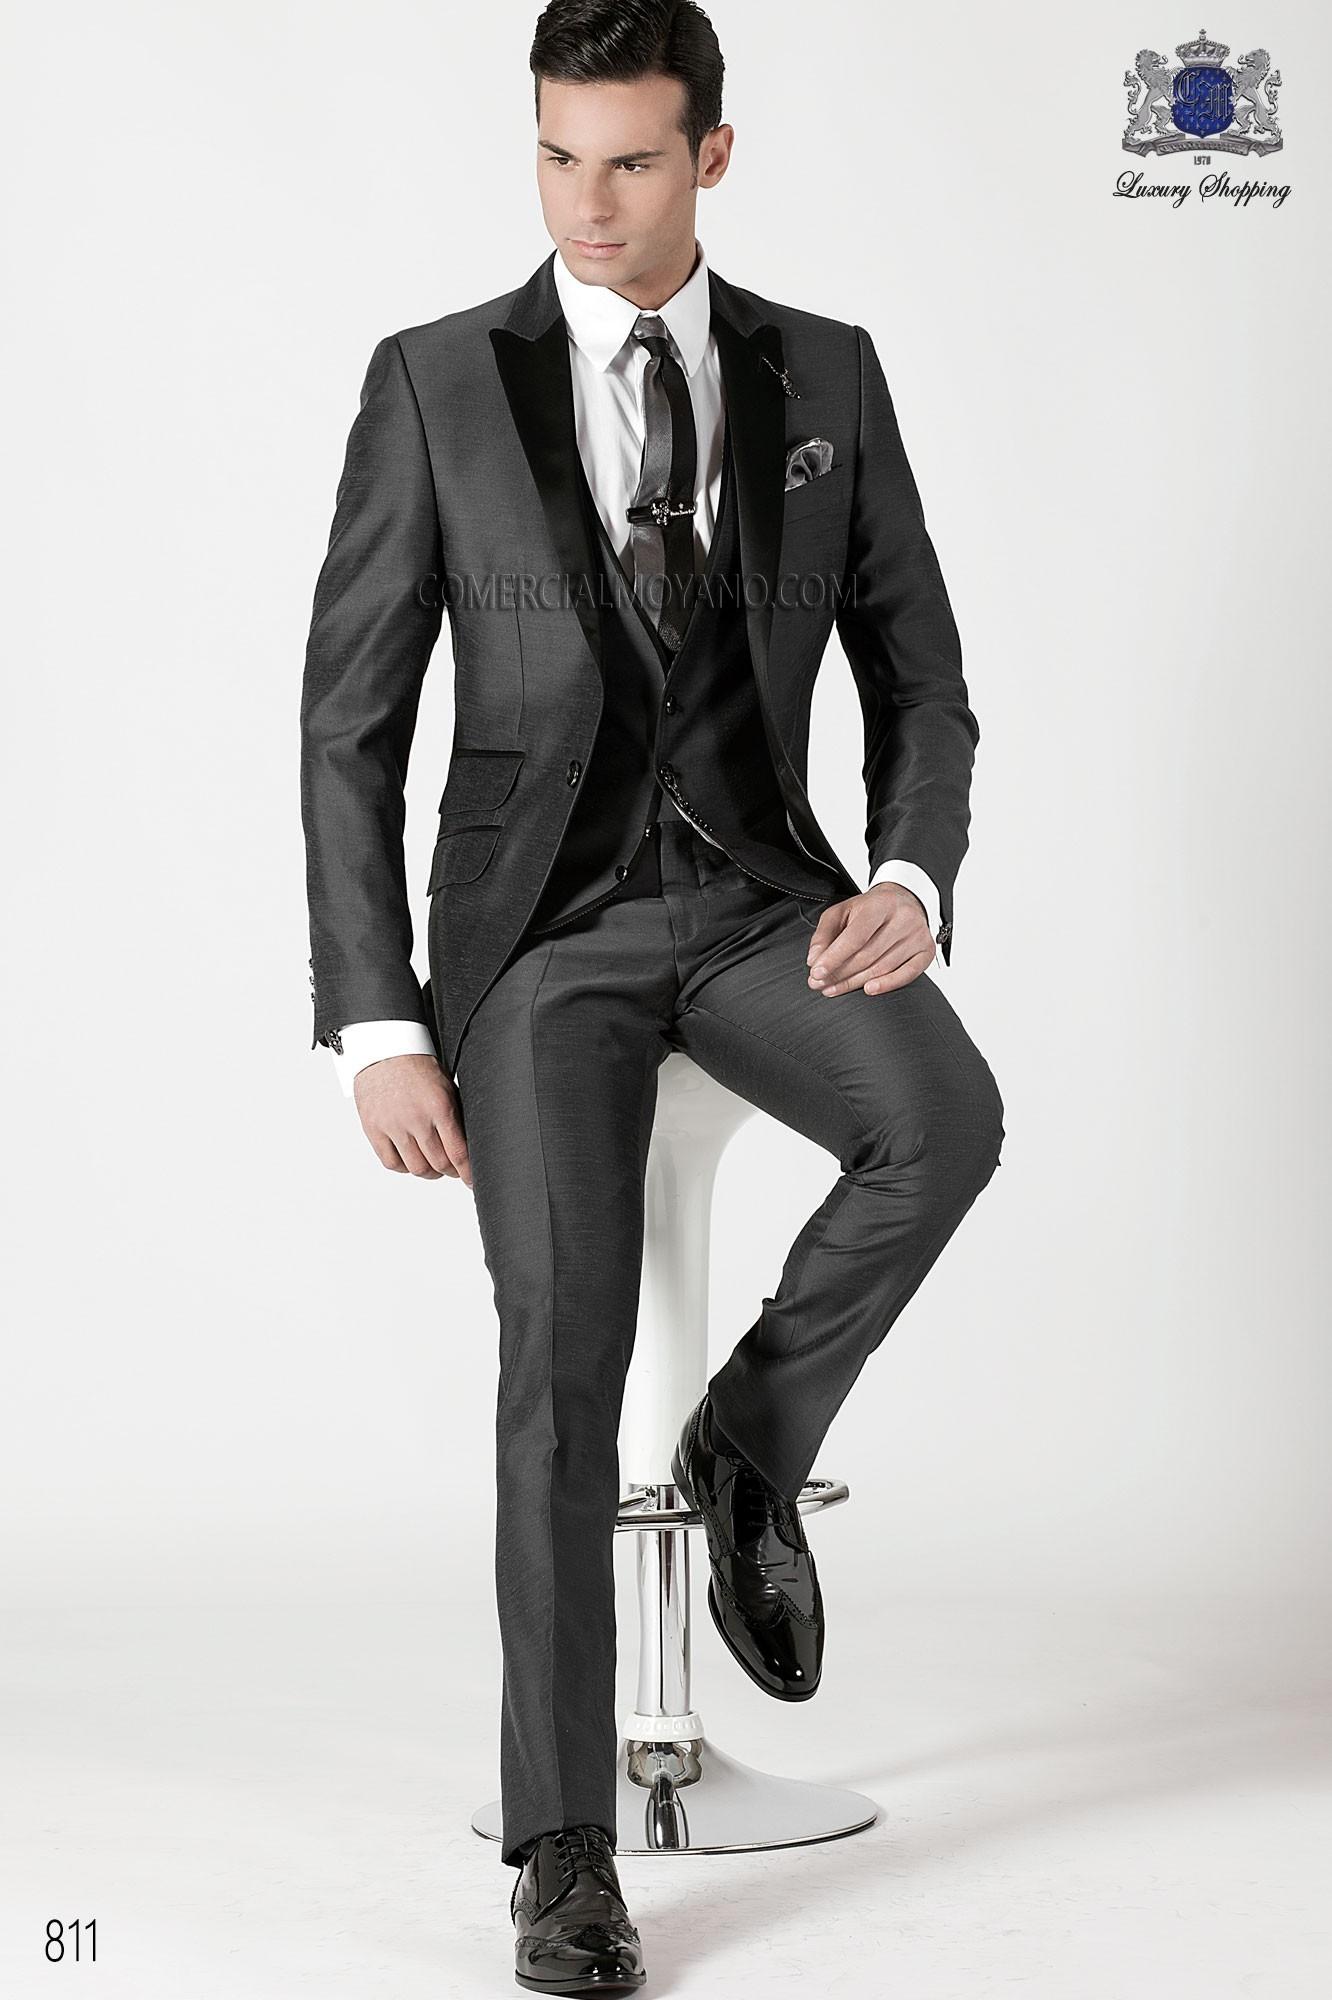 Traje de moda hombre gris modelo: 811 Ottavio Nuccio Gala colección Emotion 2017